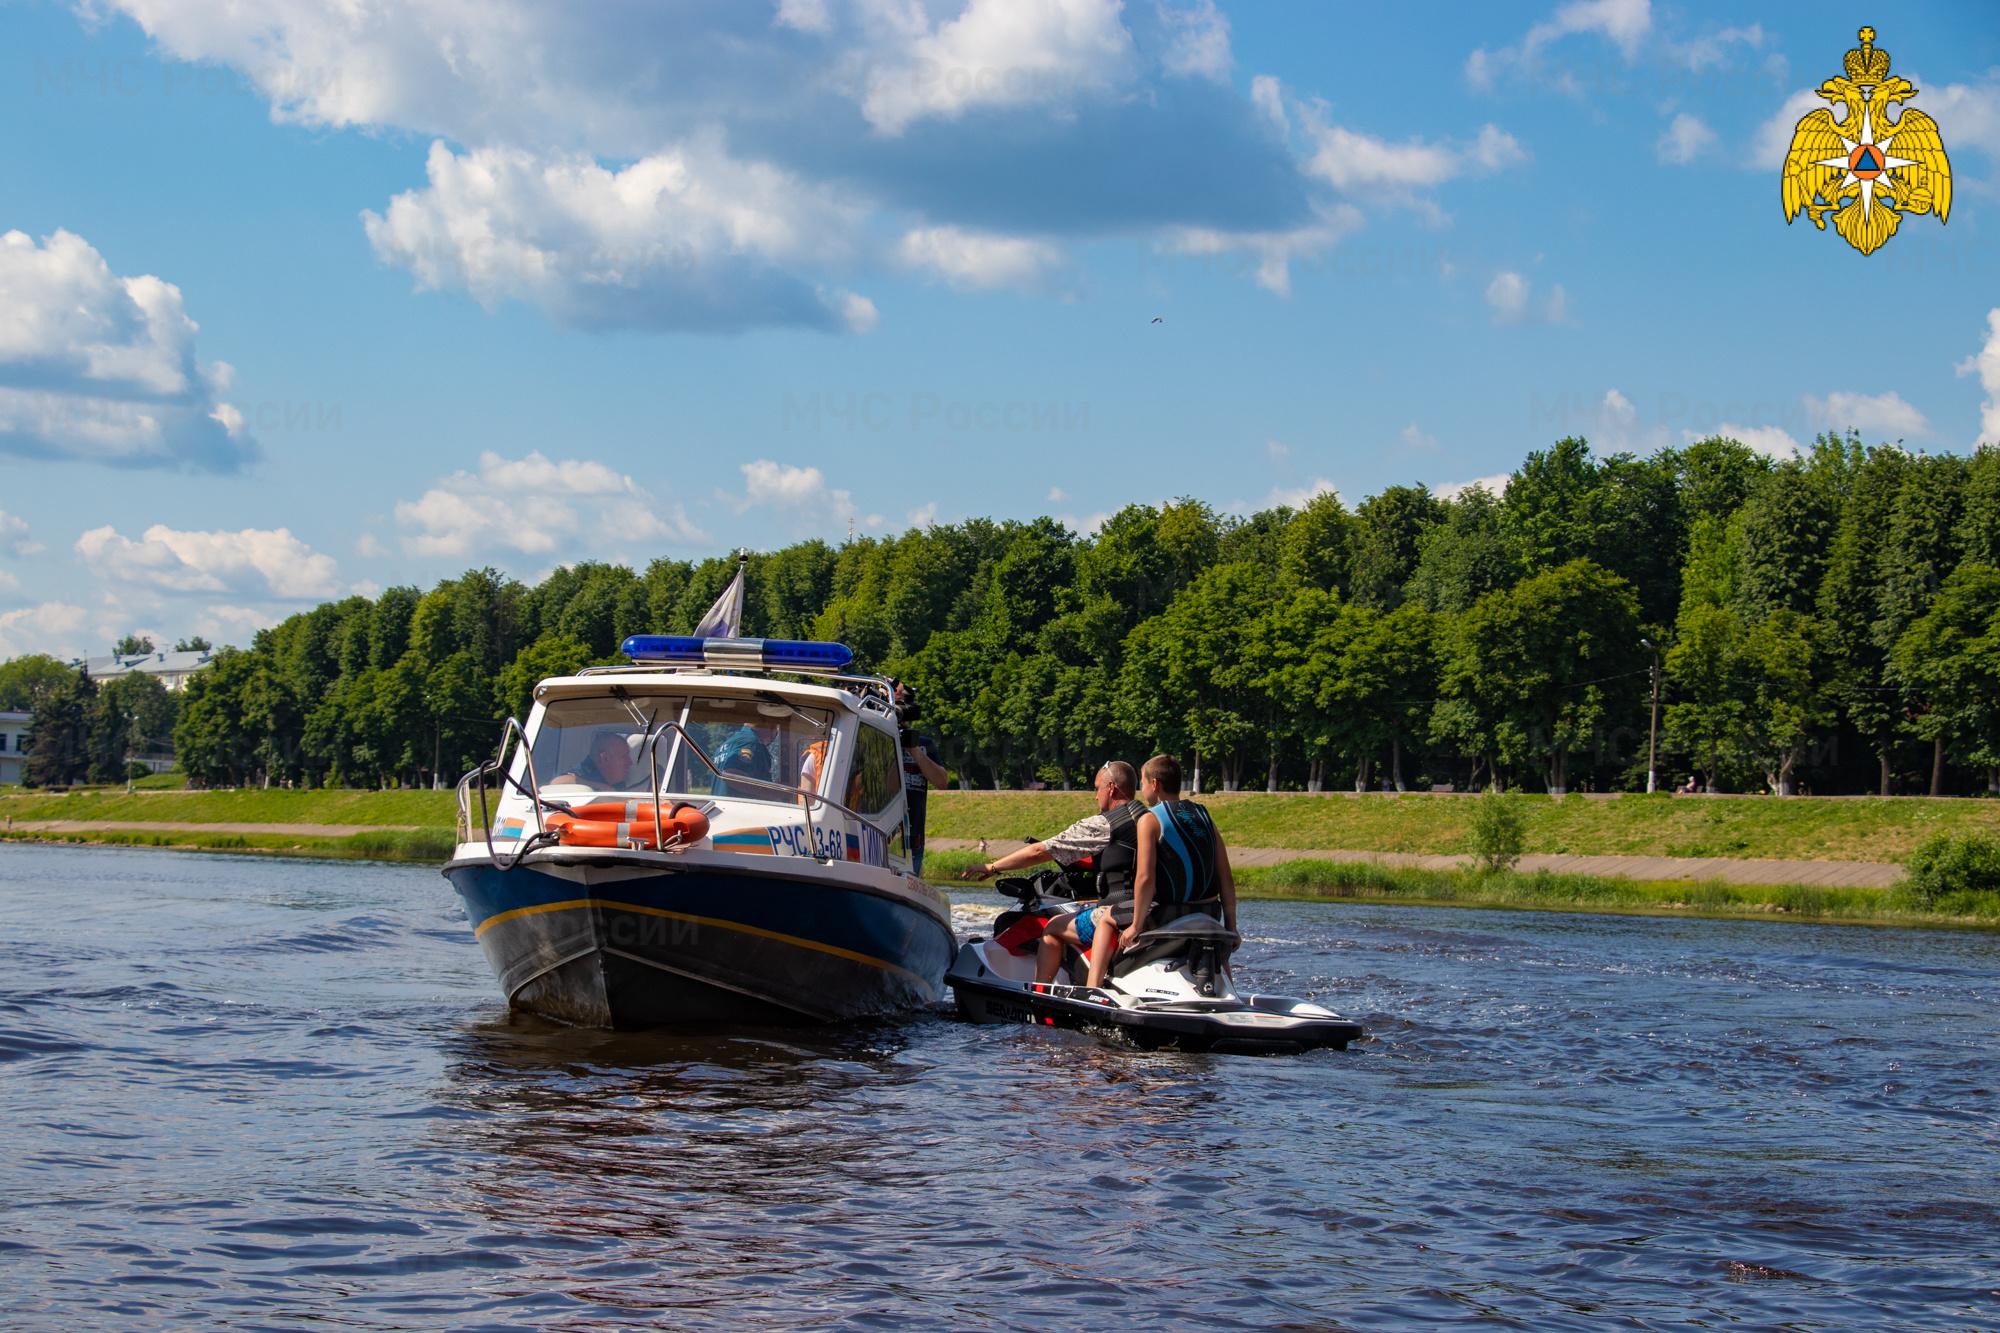 Сотрудники МЧС ежедневно патрулируют пляжи и водоемы Тверской области